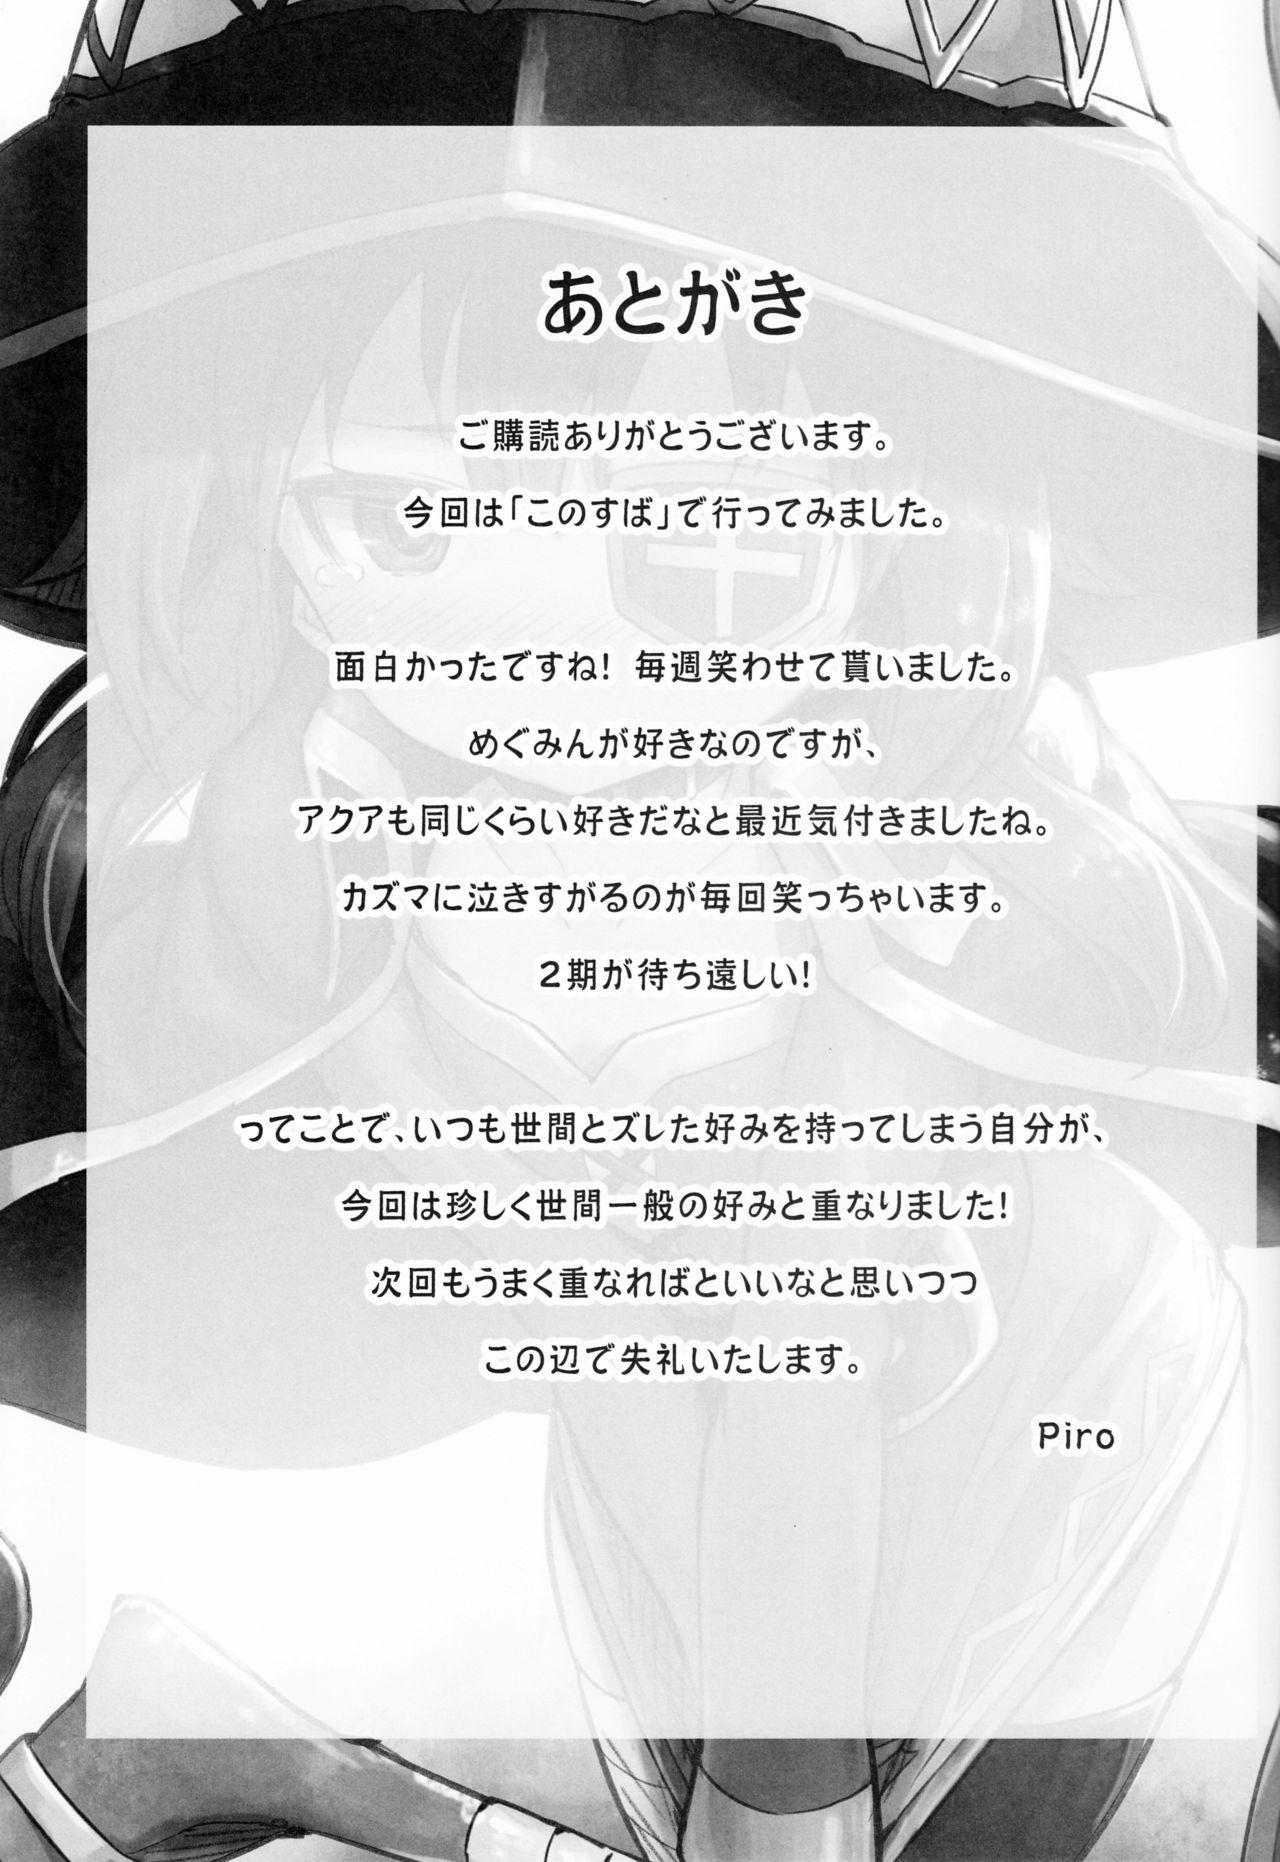 Kono Bakuretsudou ni Gohoubi o! 25